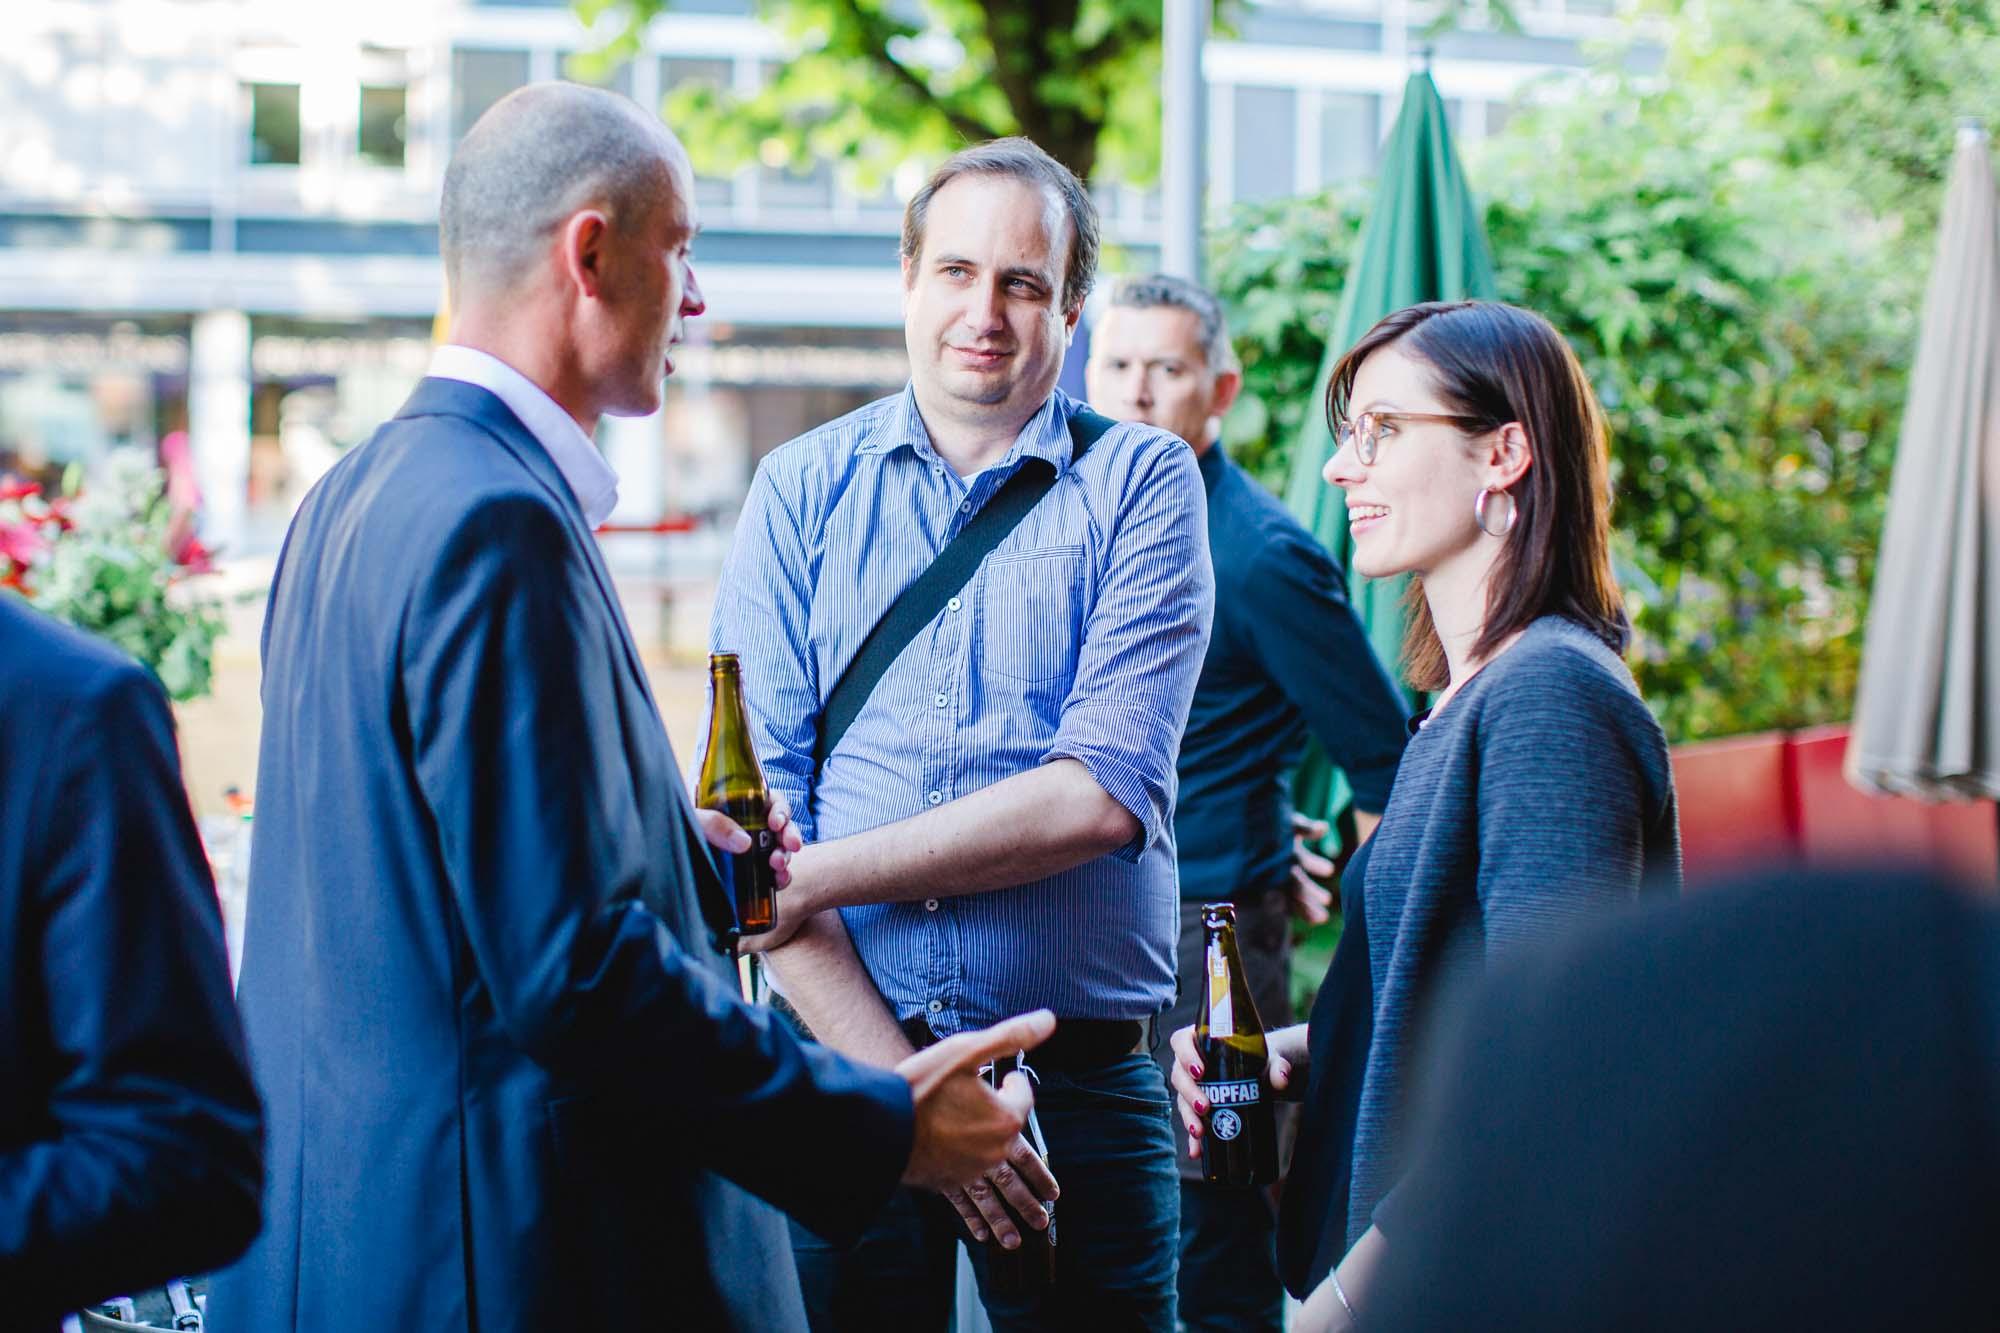 Kilian Borter, Stefan Hiller and Sandra Roth